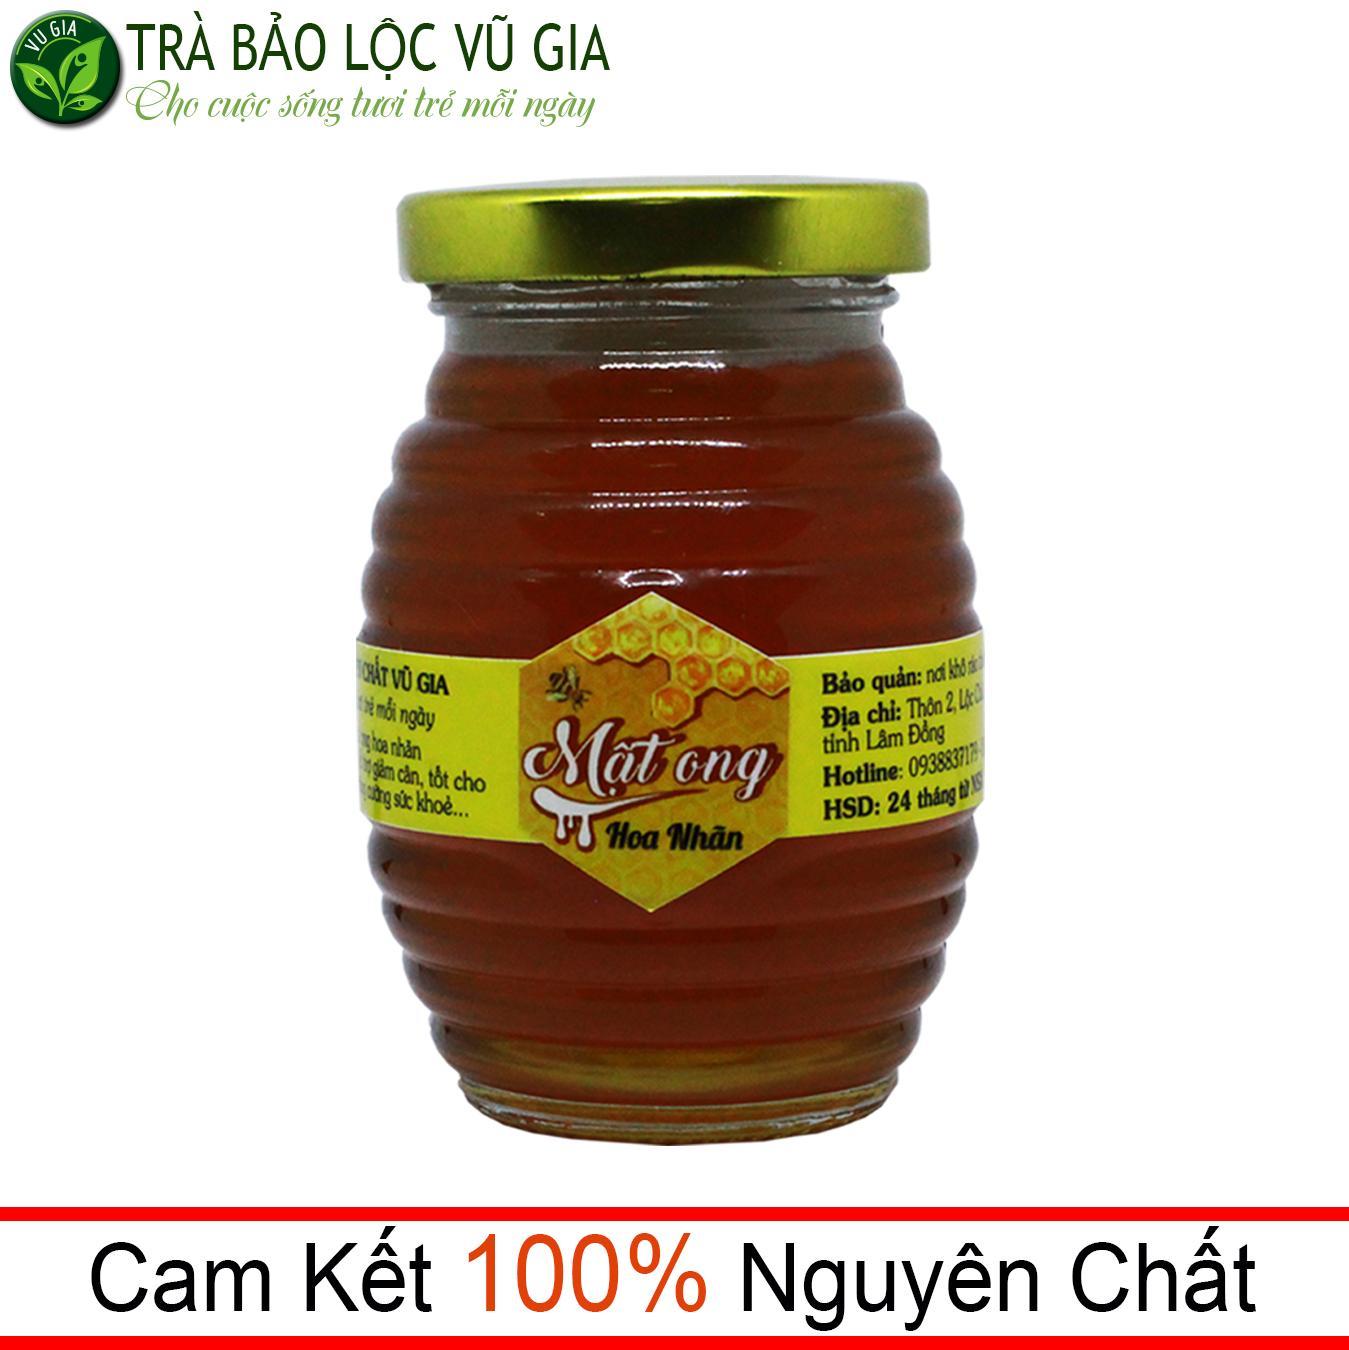 Mật Ong Hoa Nhãn Nguyên Chất Bảo Lộc VG  (100ml/hũ)